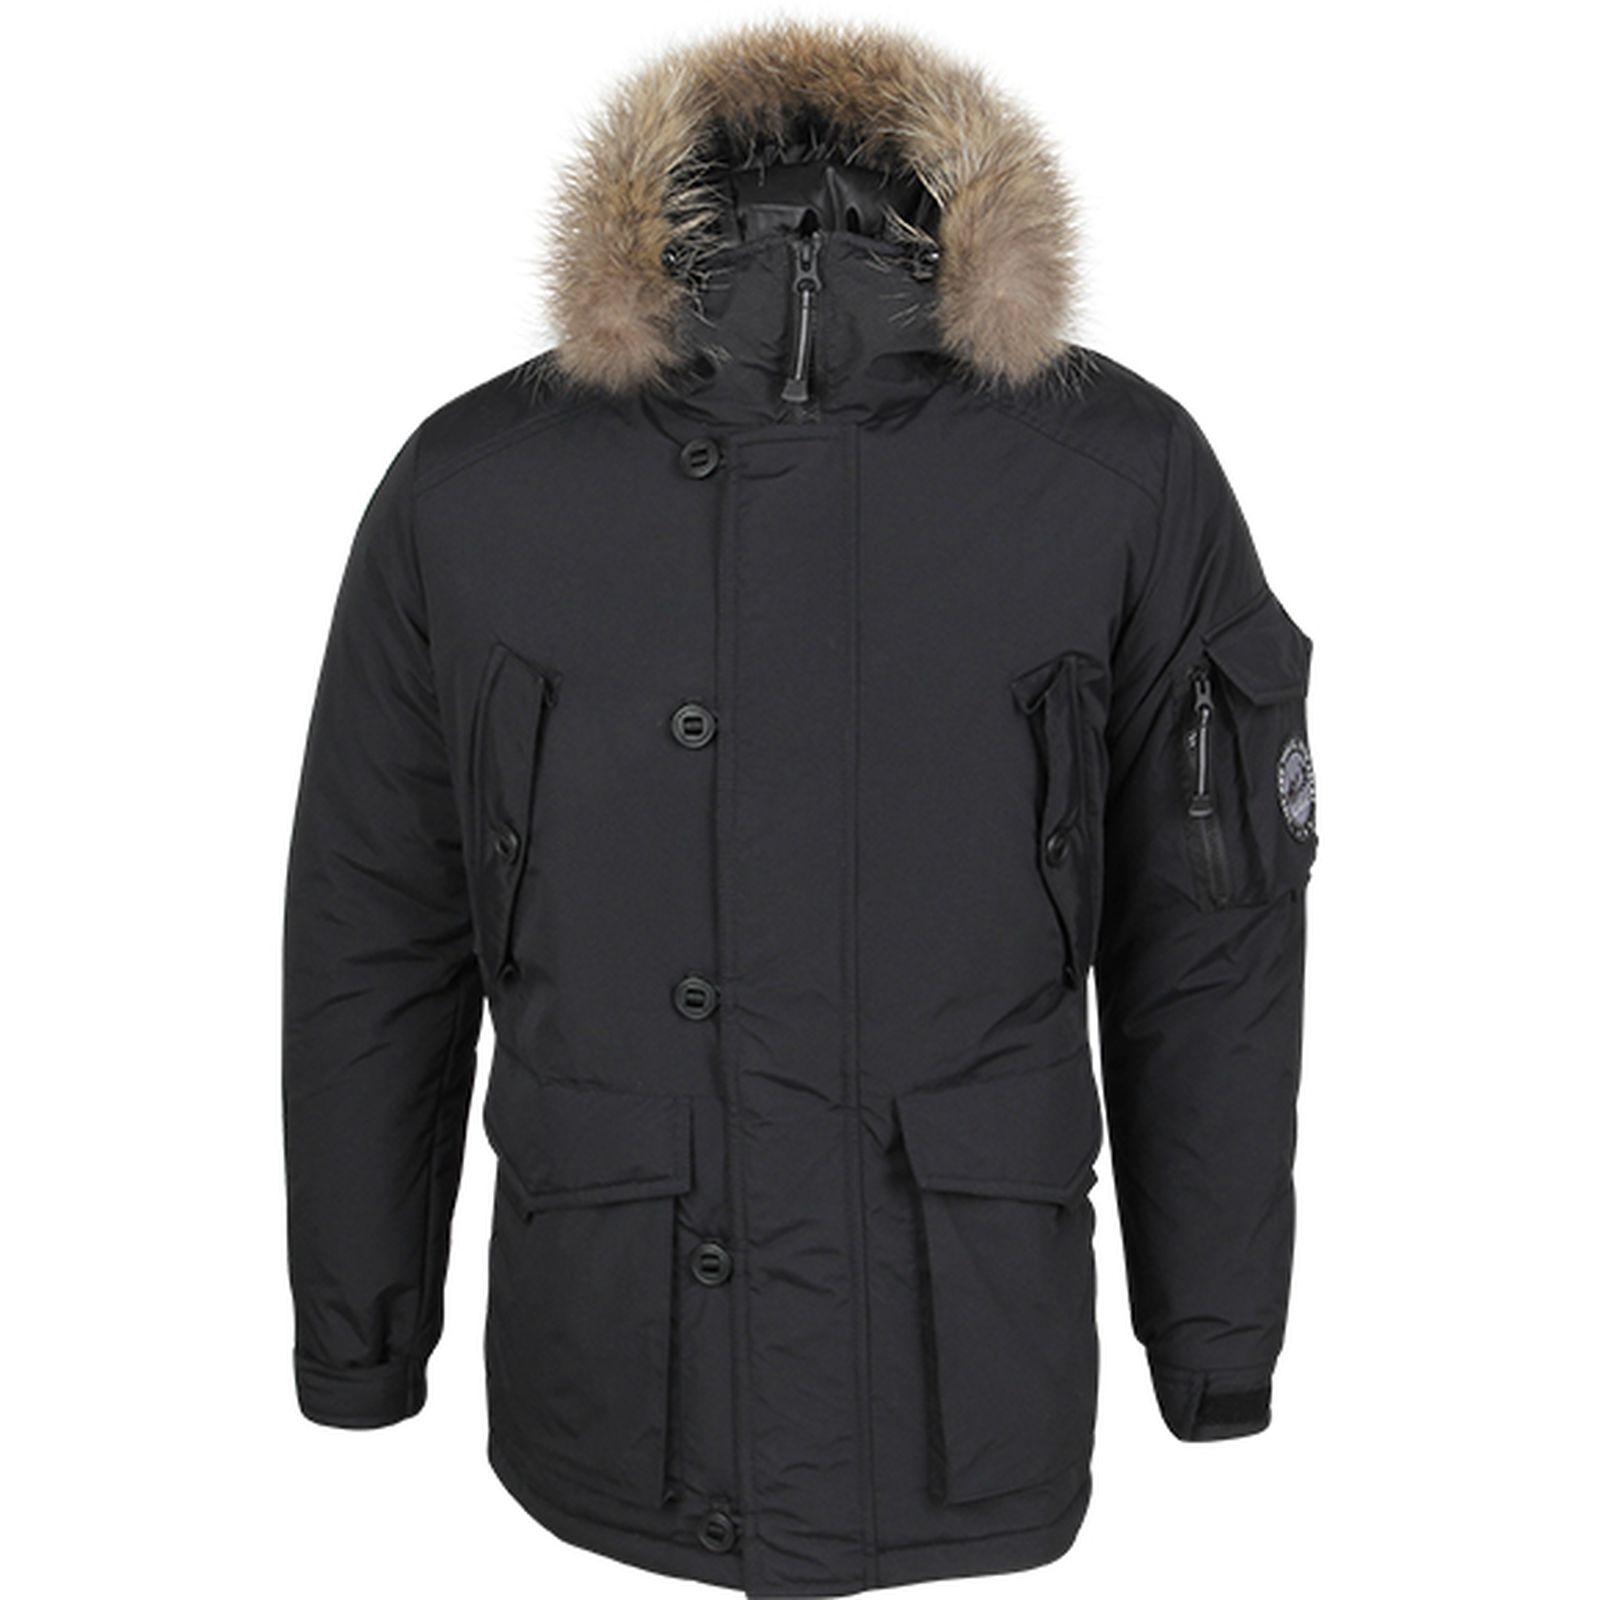 5c57b464ad5 Городская зимняя куртка Splav «Аляска» (оливковый